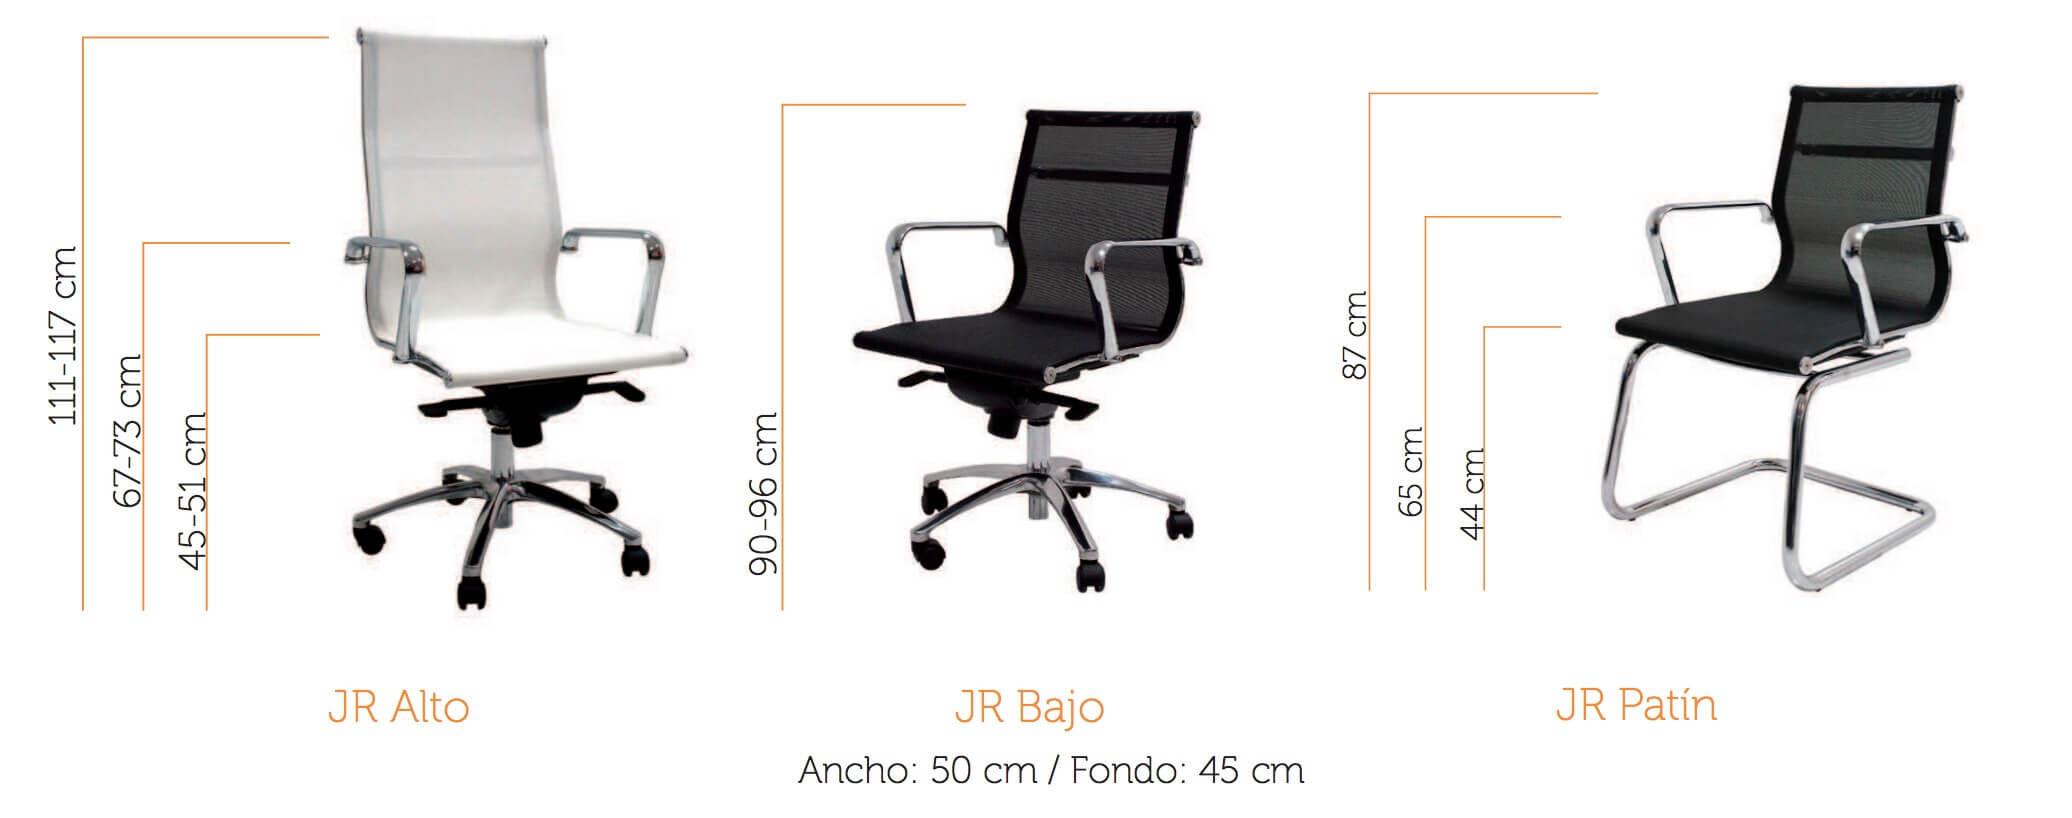 silla de oficina malla vincolo